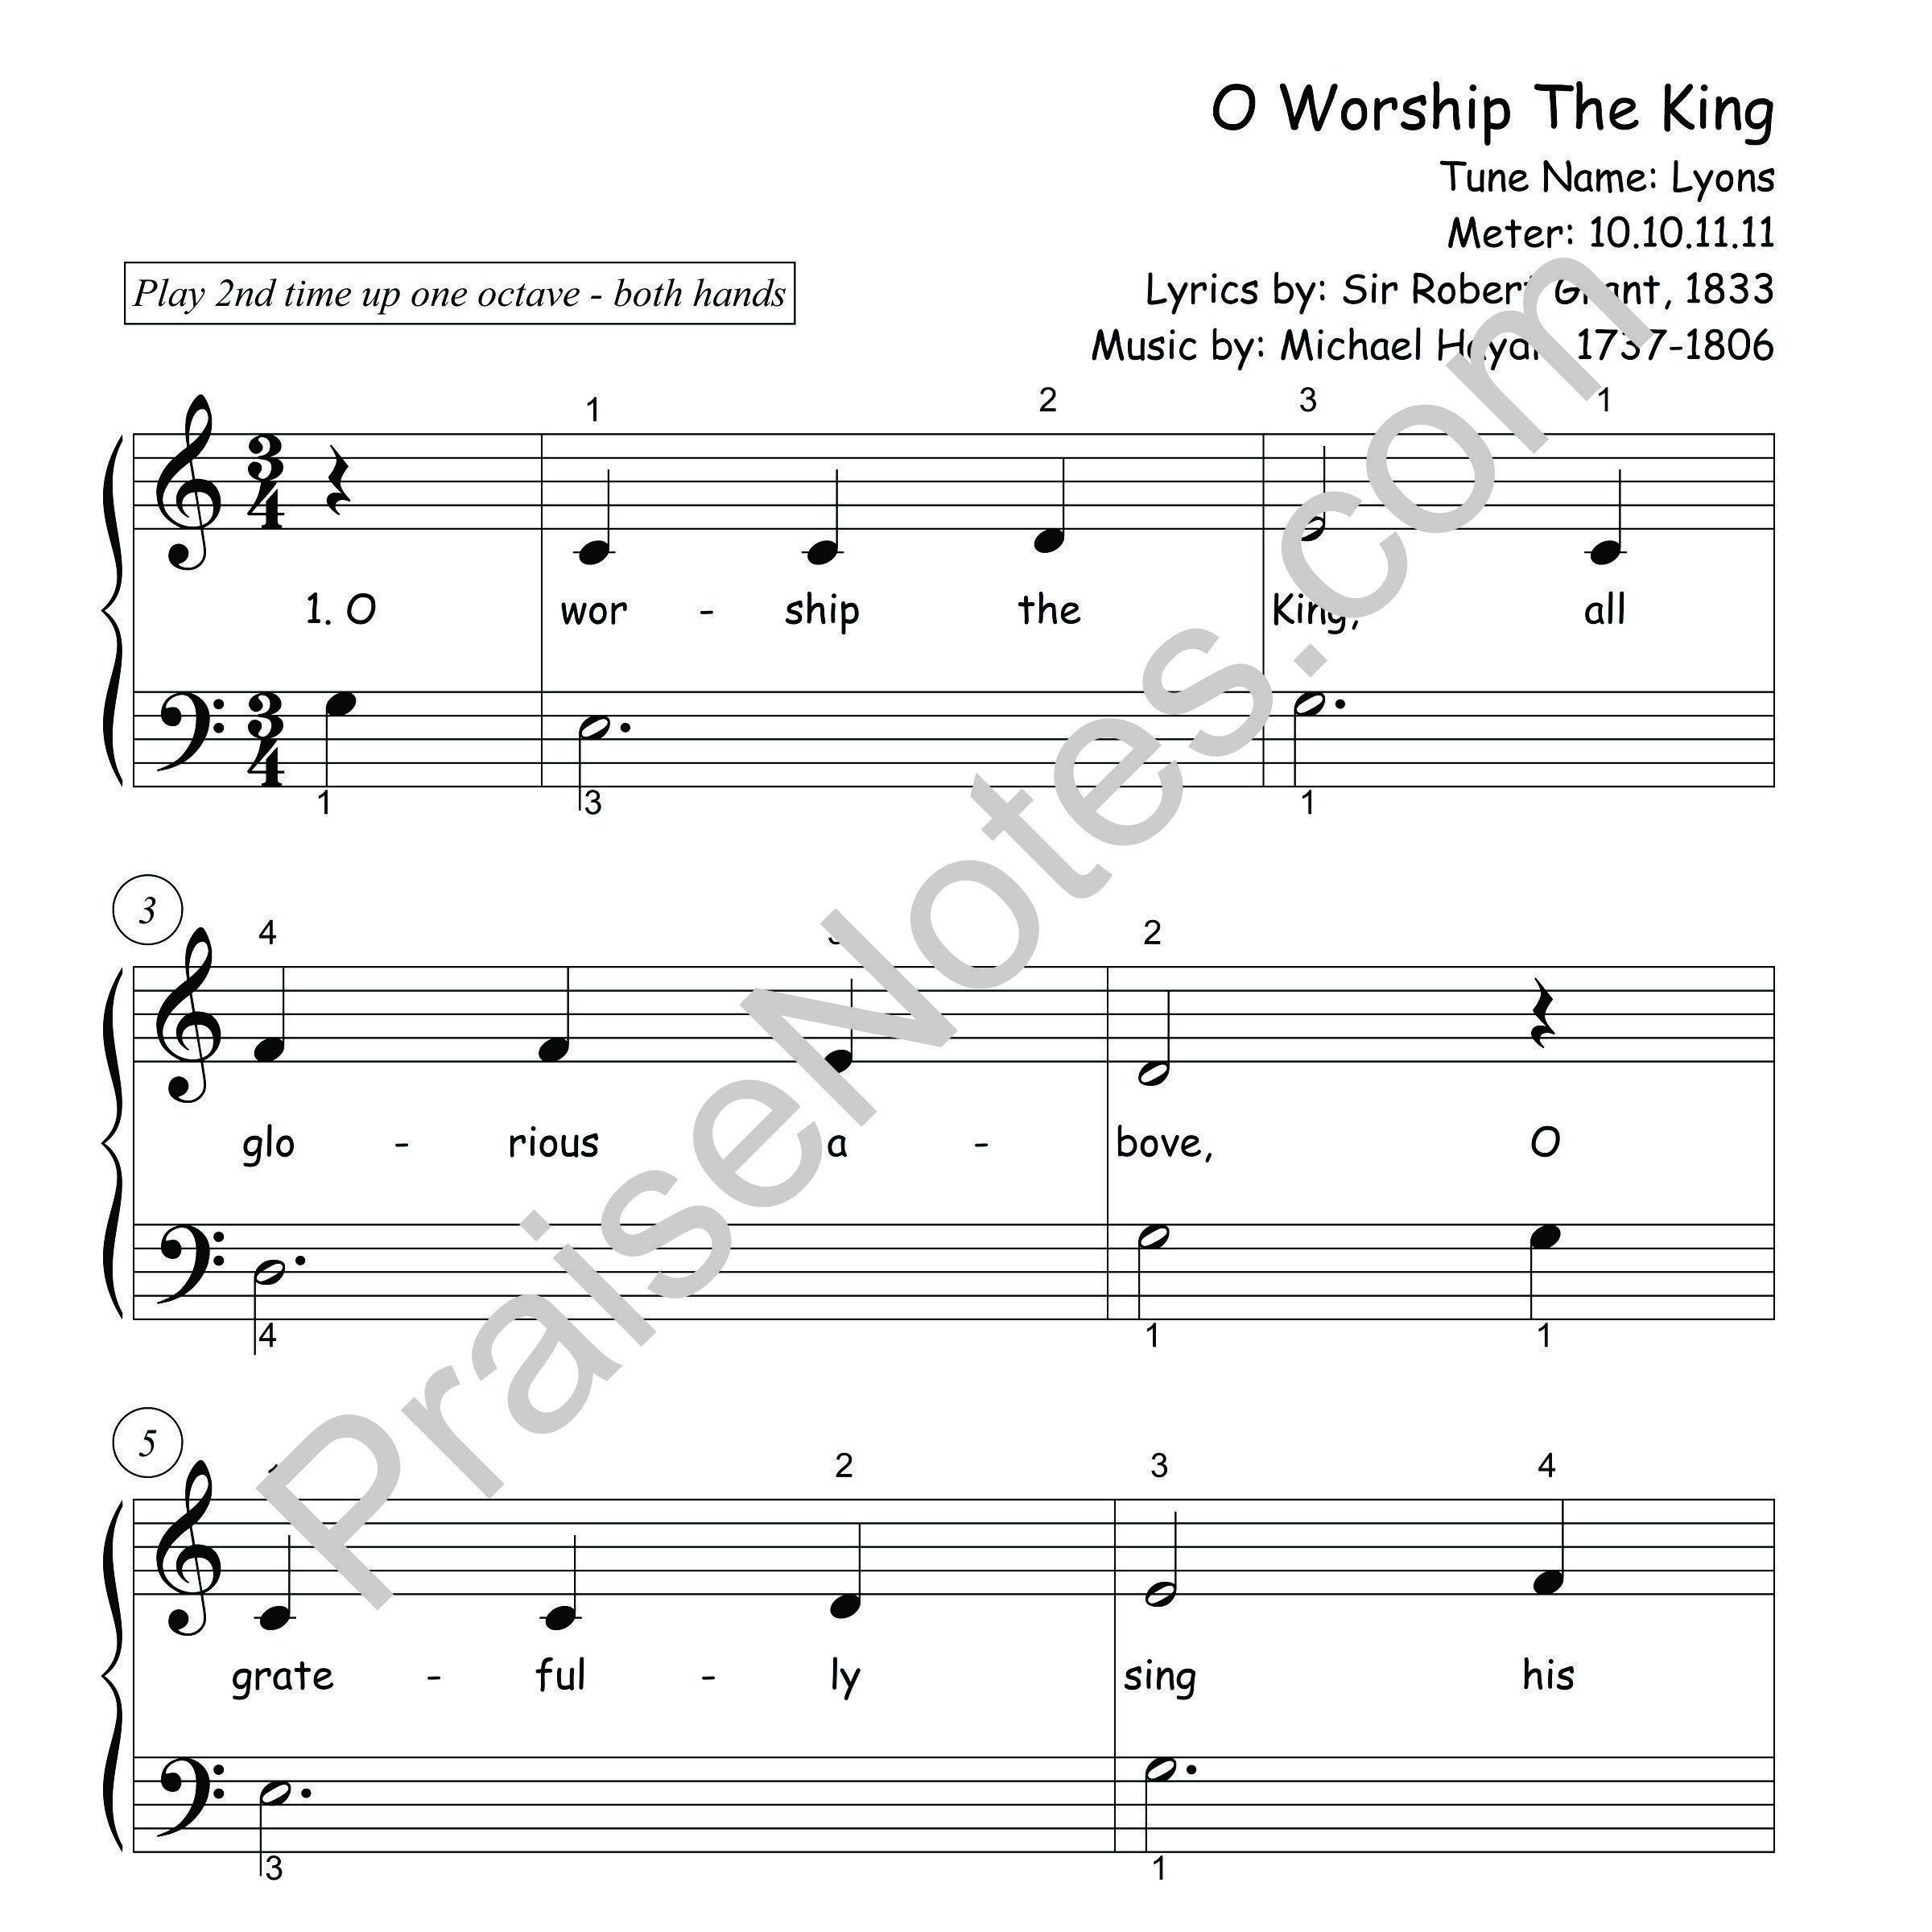 O Worship The King B1 3 Sample